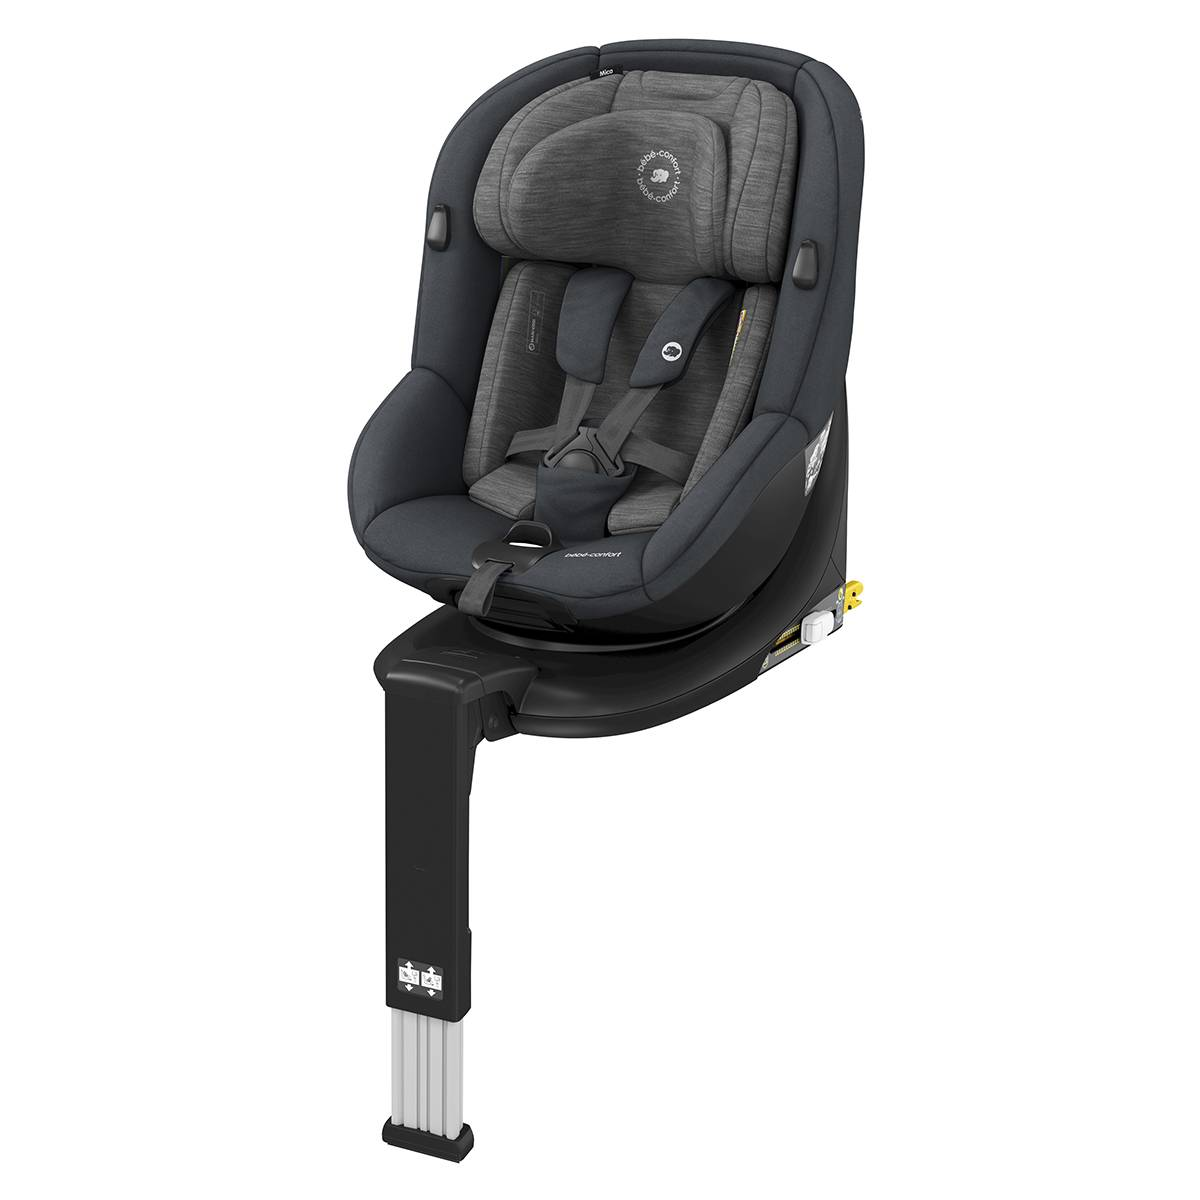 Bébé Confort Siège Auto Mica i-Size Groupe 0+/1 - Authentic Graphite